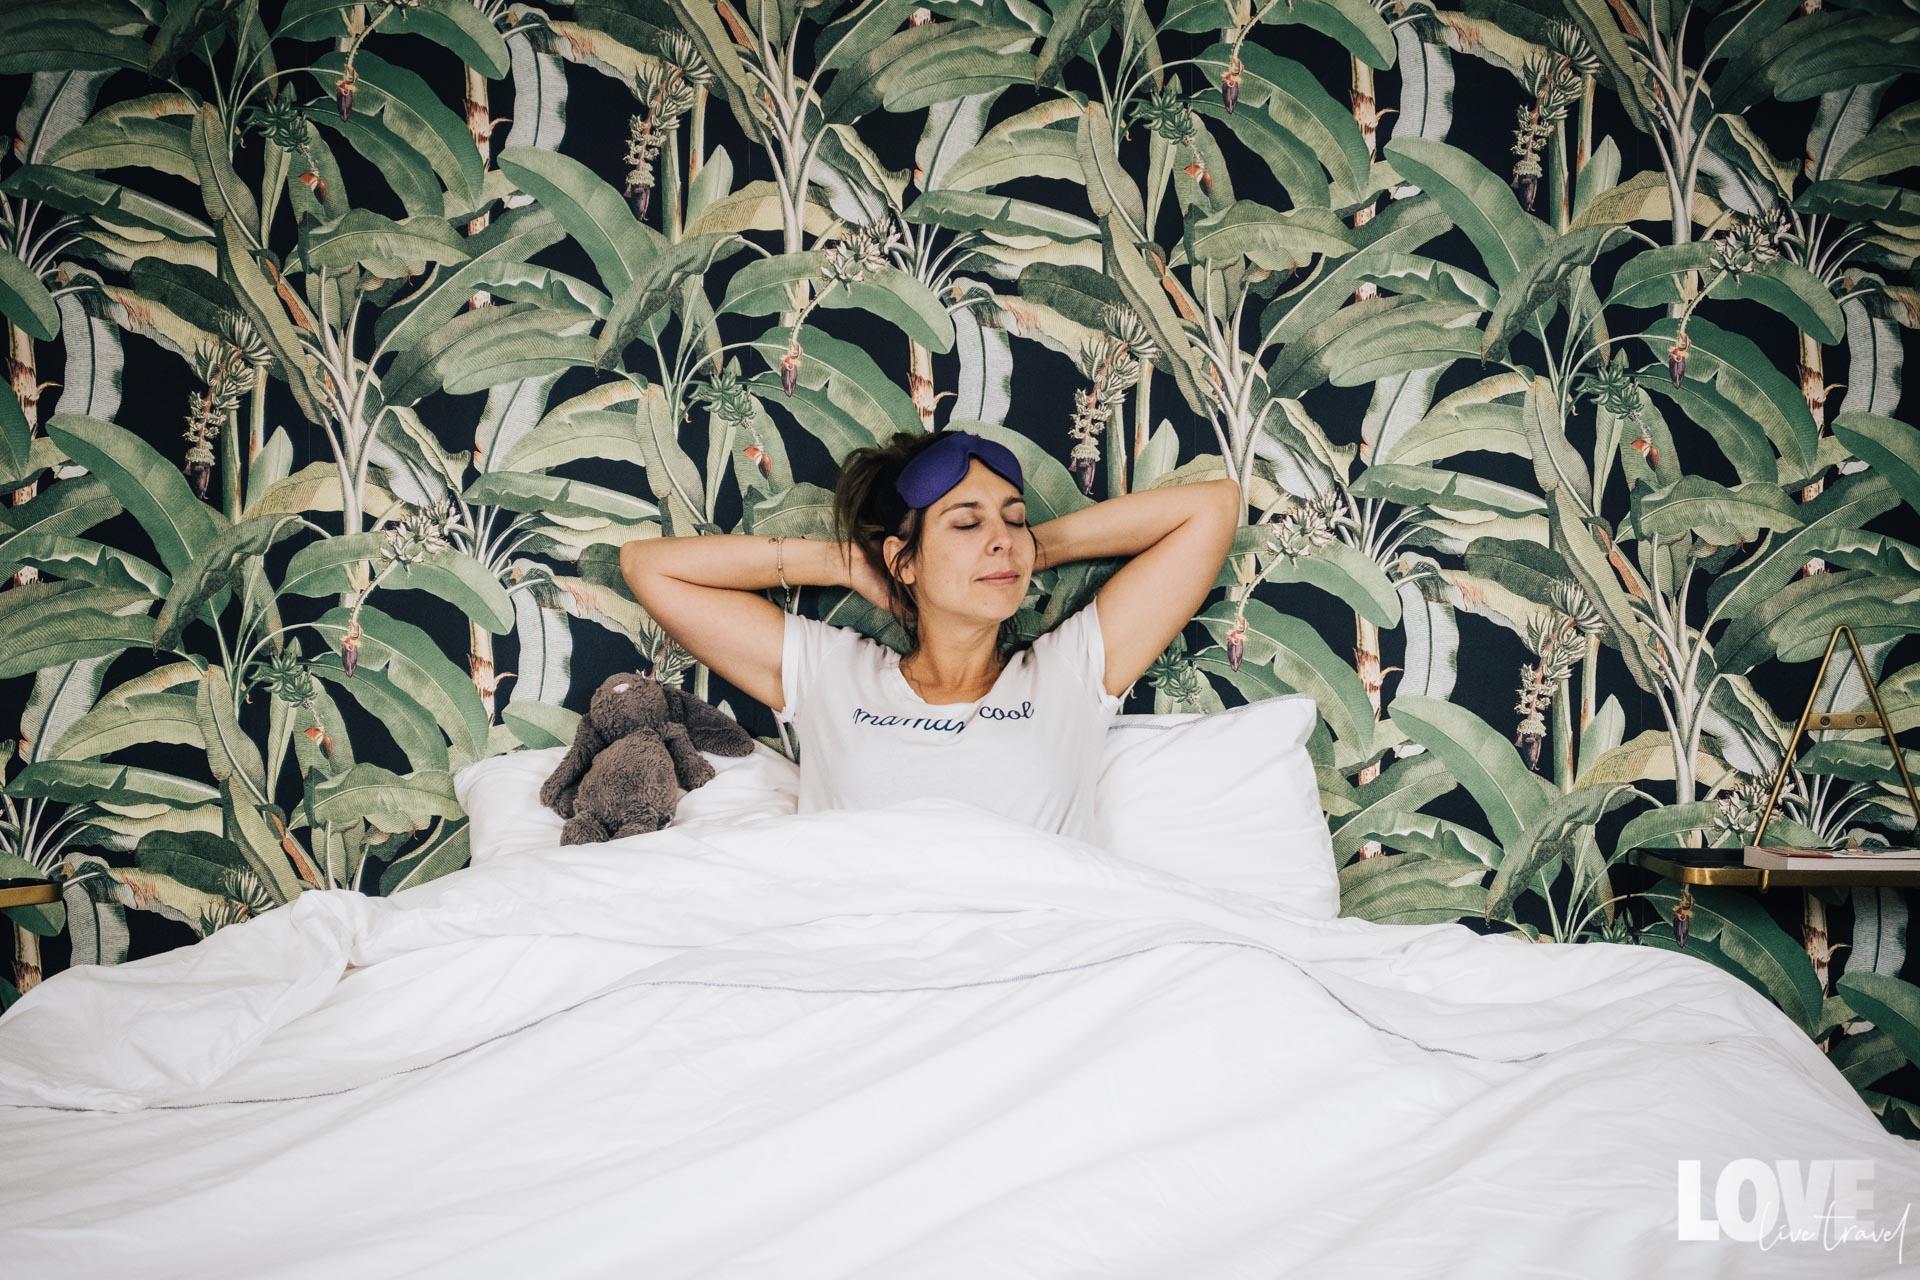 Test du matelas Eve blog voyage et lifestyle lovelivetravel